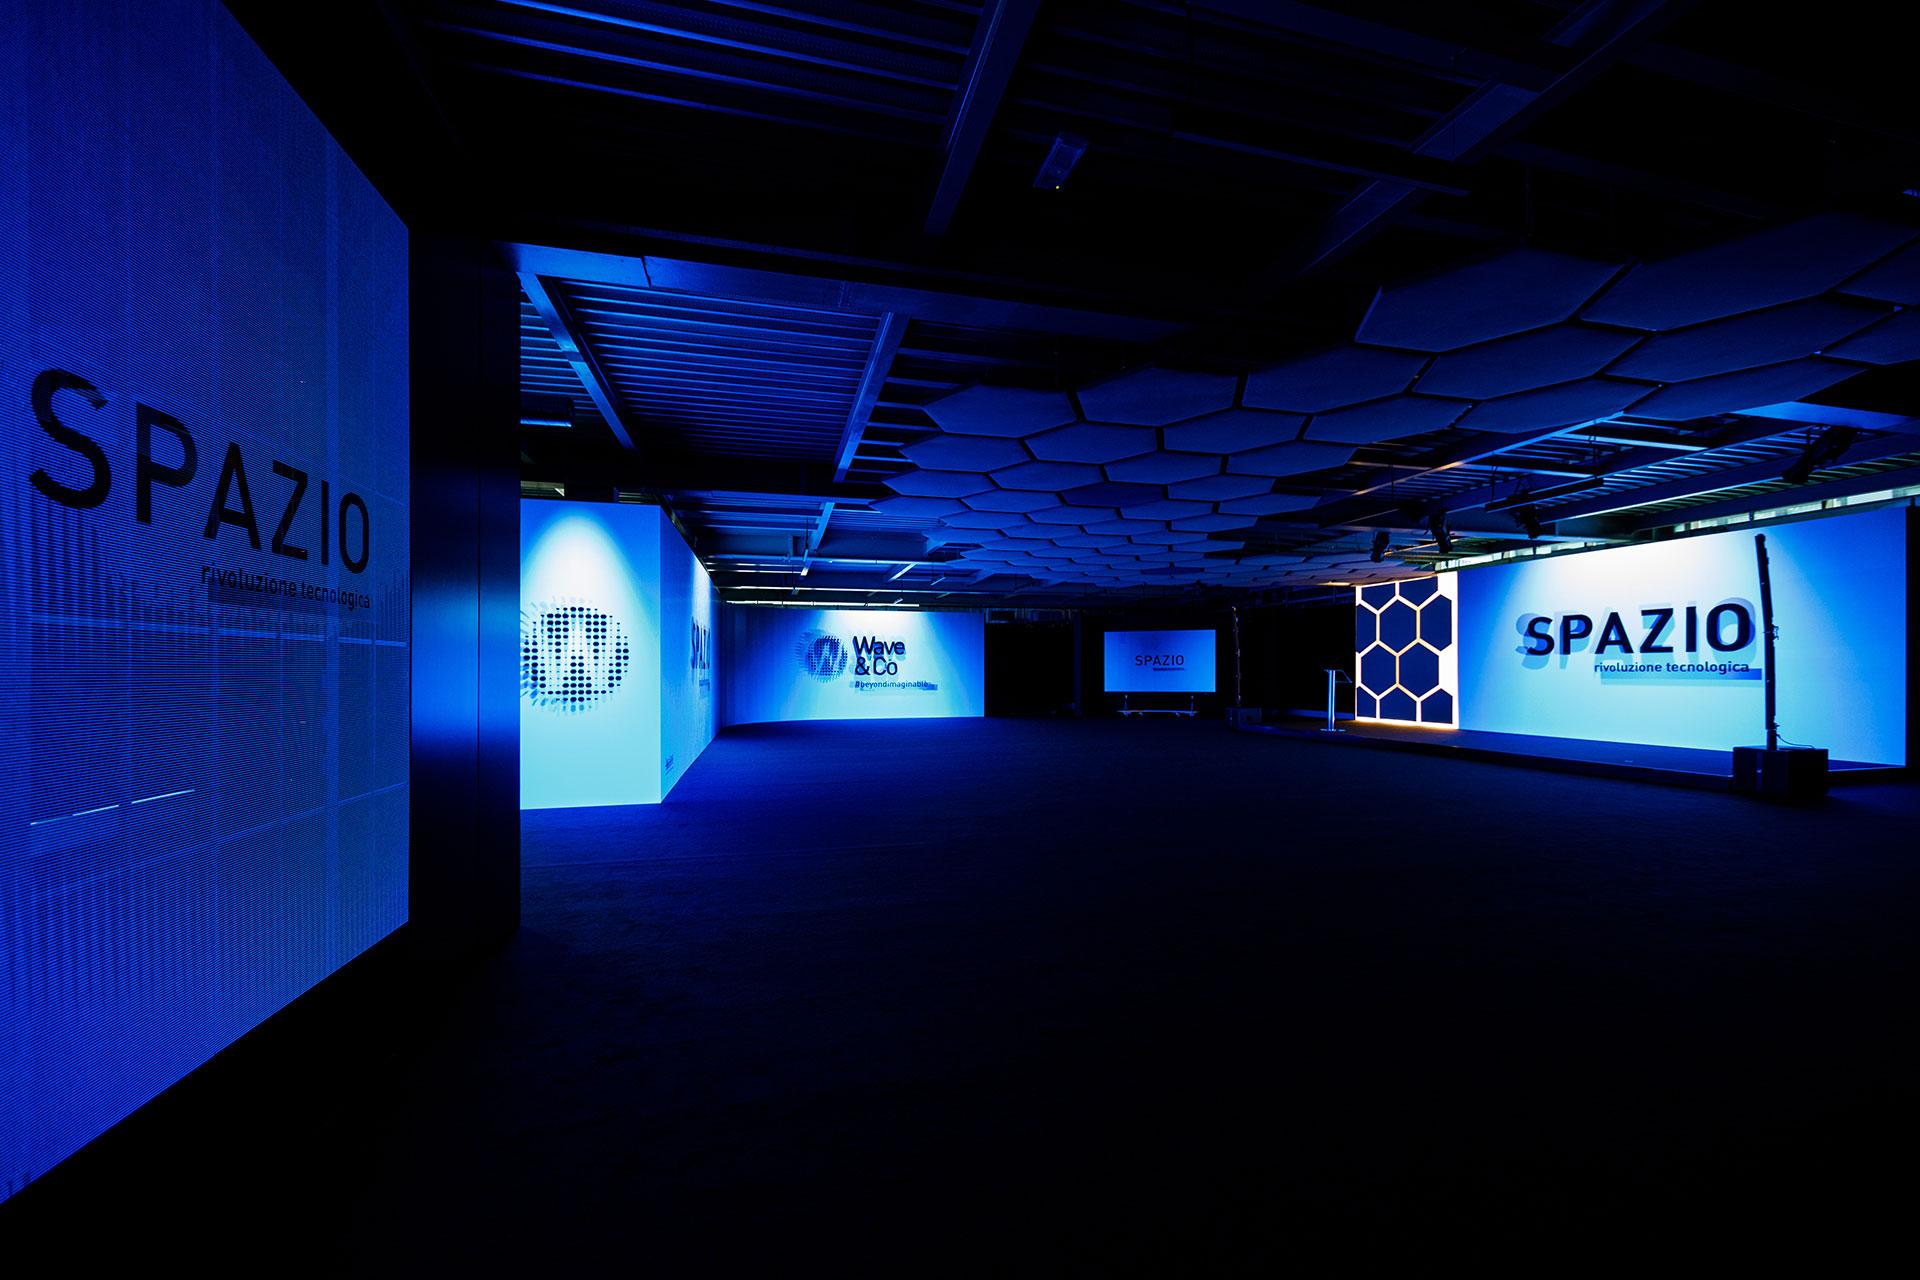 SPAZIO, ipertecnologico showroom a Milano, la nuova casa di Wave&Co